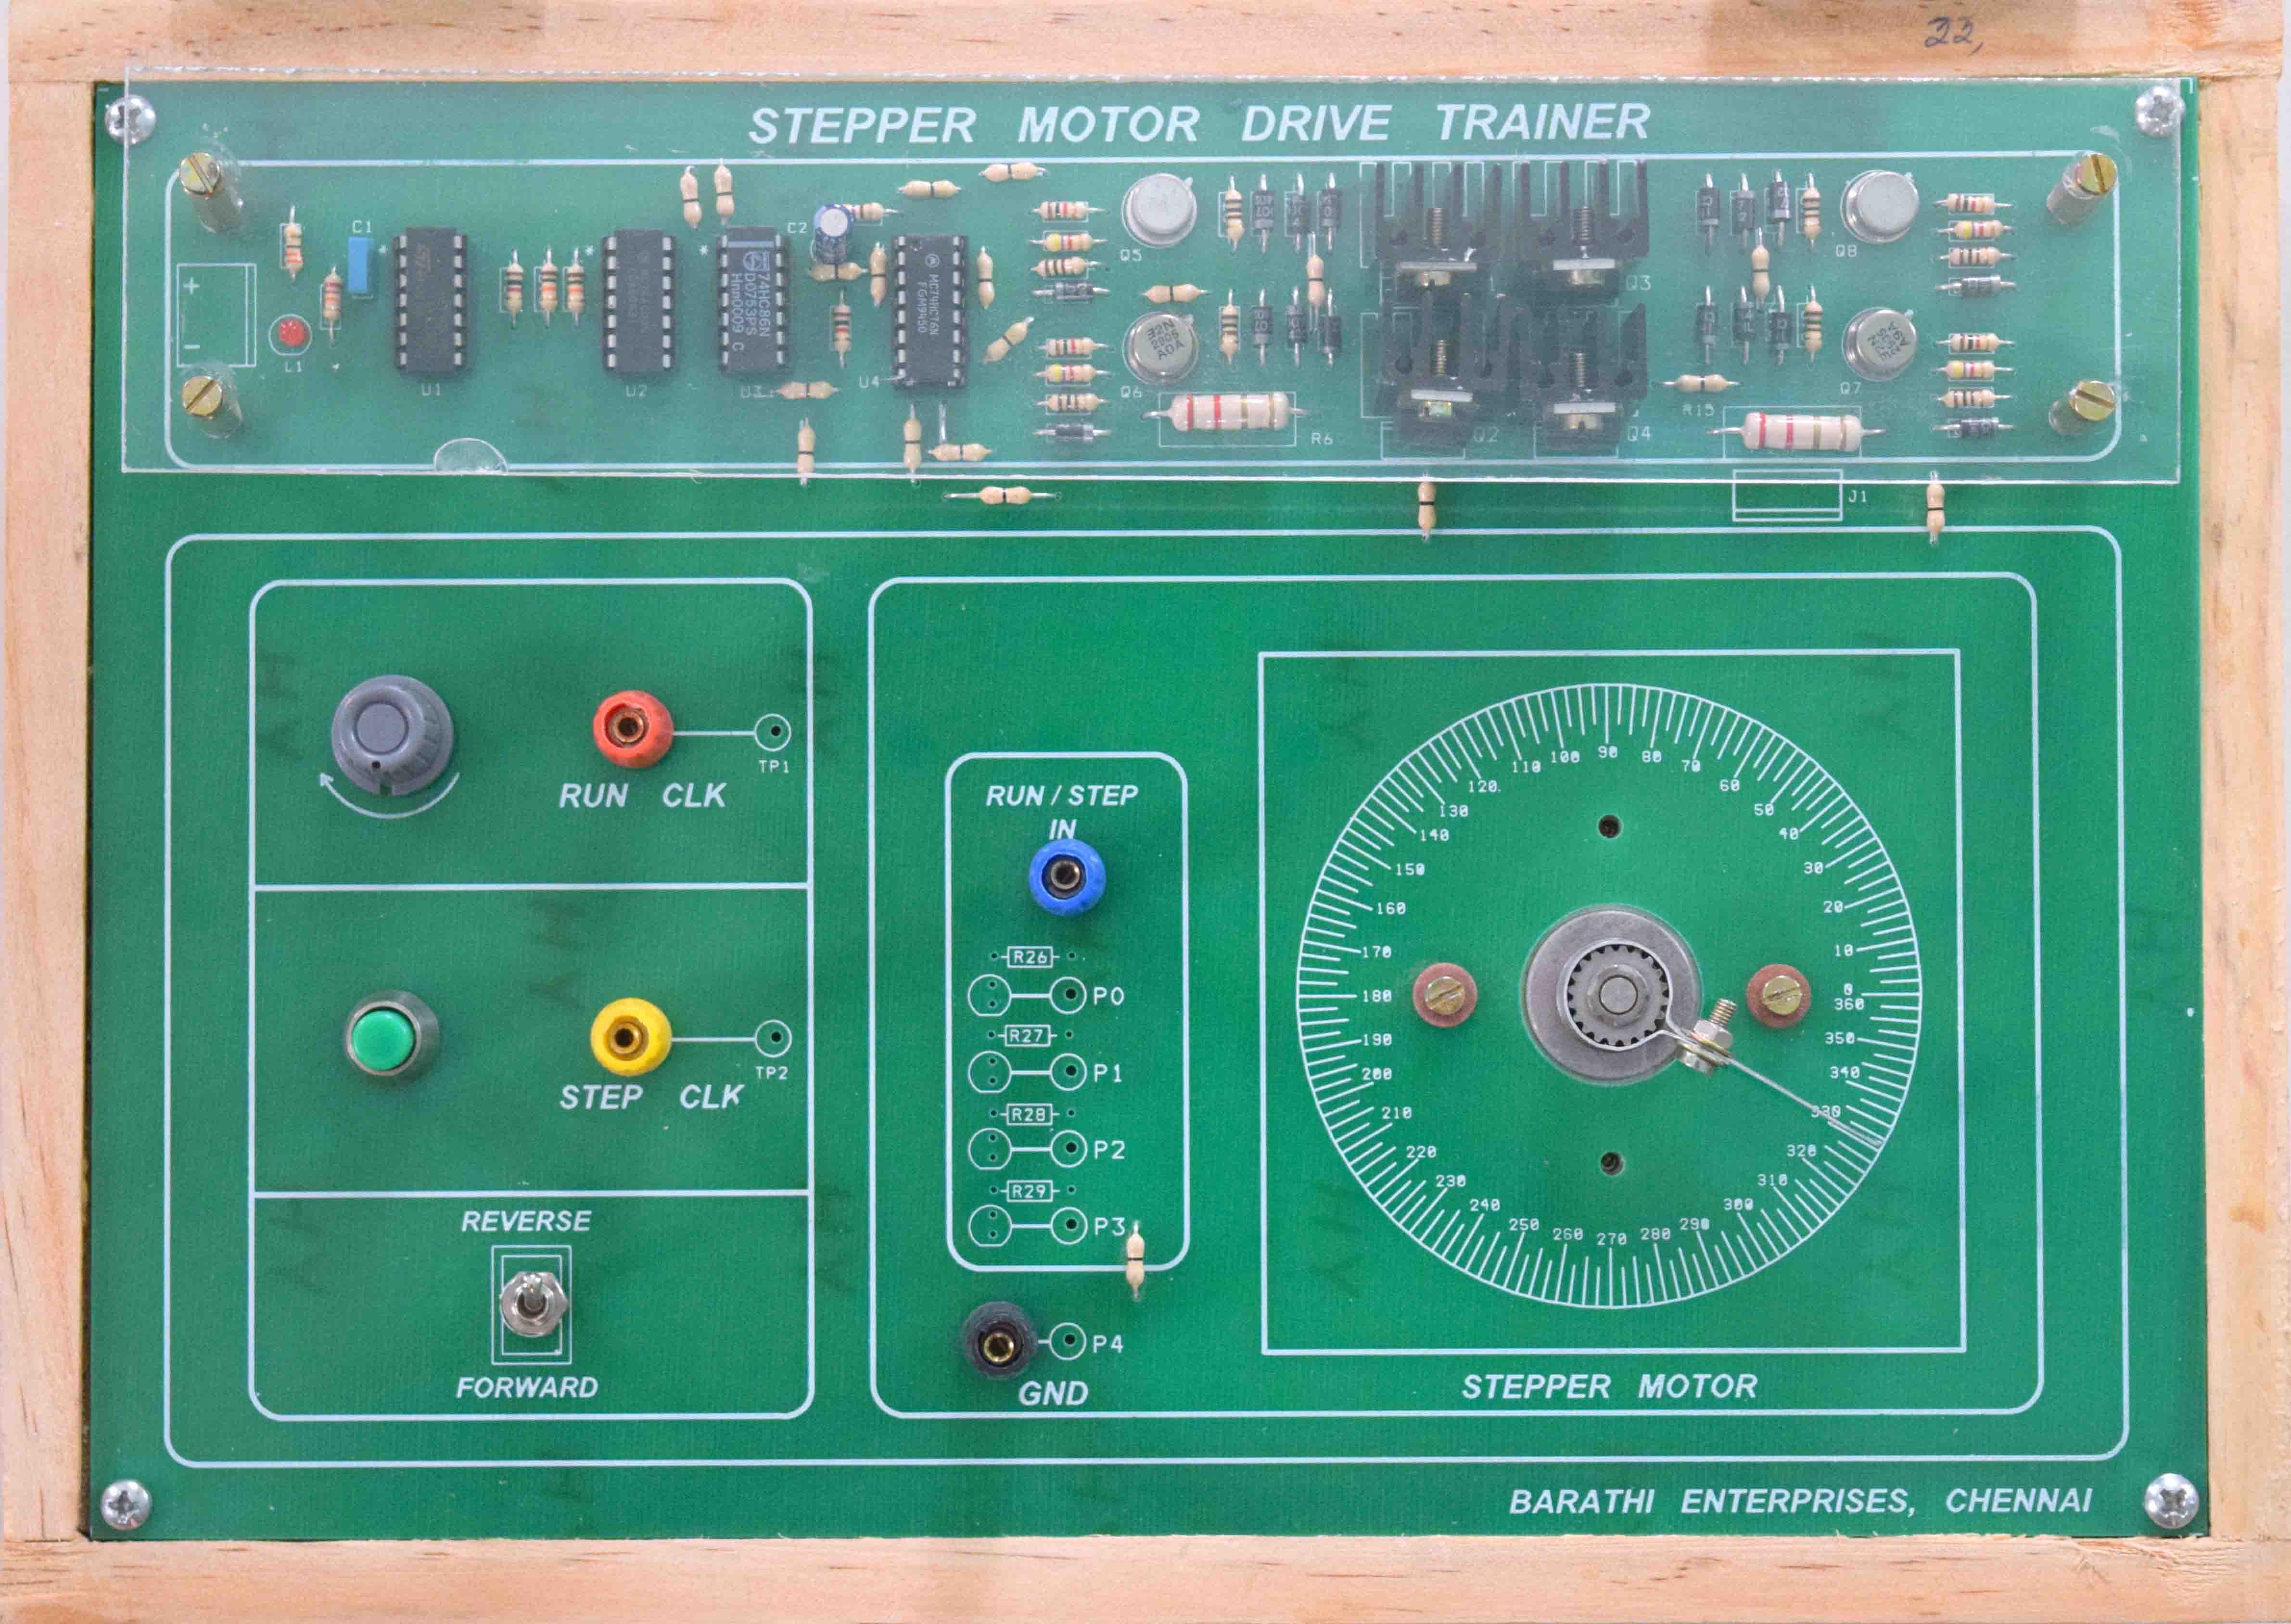 Barathi Enterprises Toggle On Off Switch Electronicslab Objective